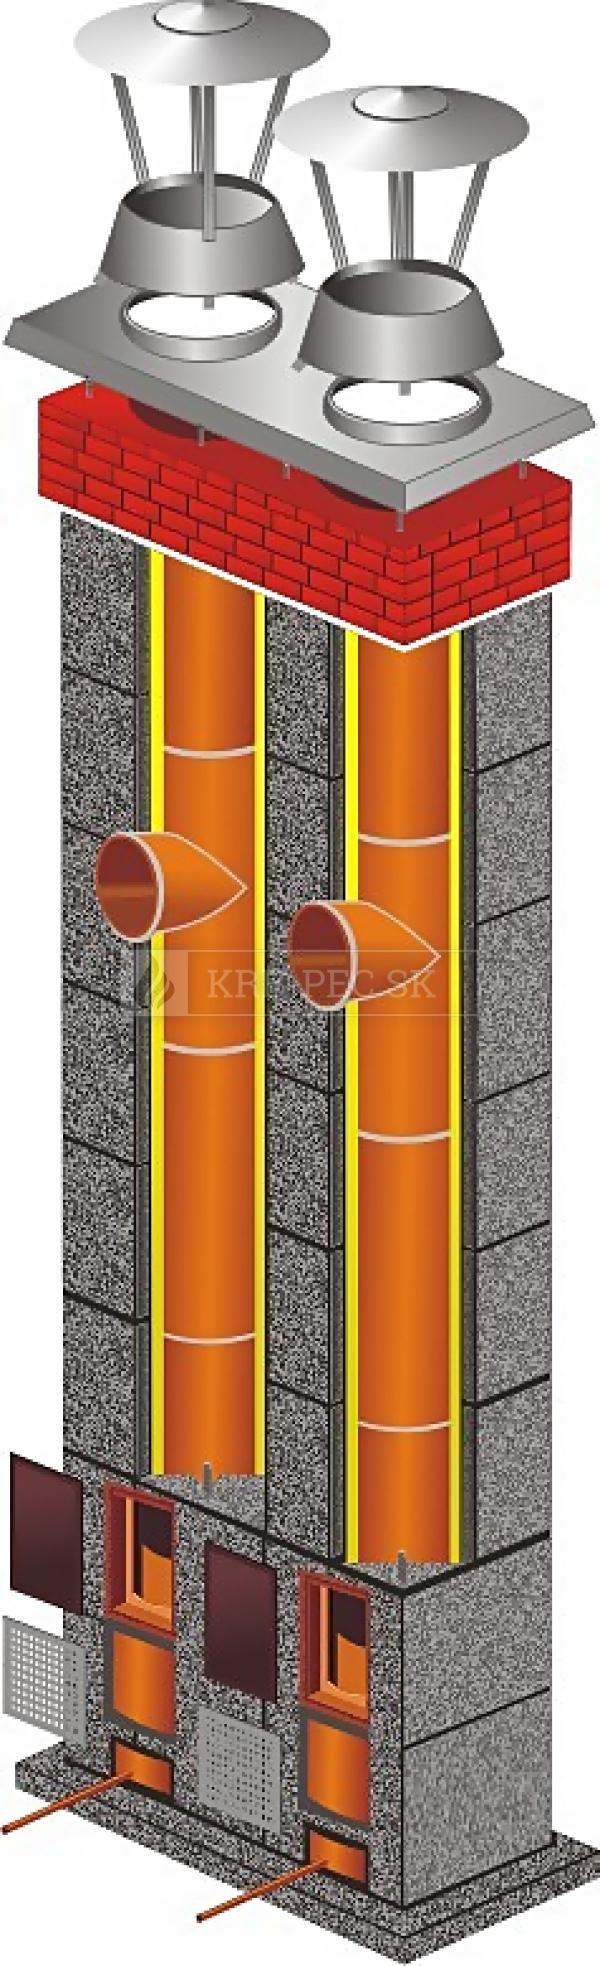 Stadreko - Dvojprieduchový komínový systém s vatou Ø 180 / Ø 180 krb-pec